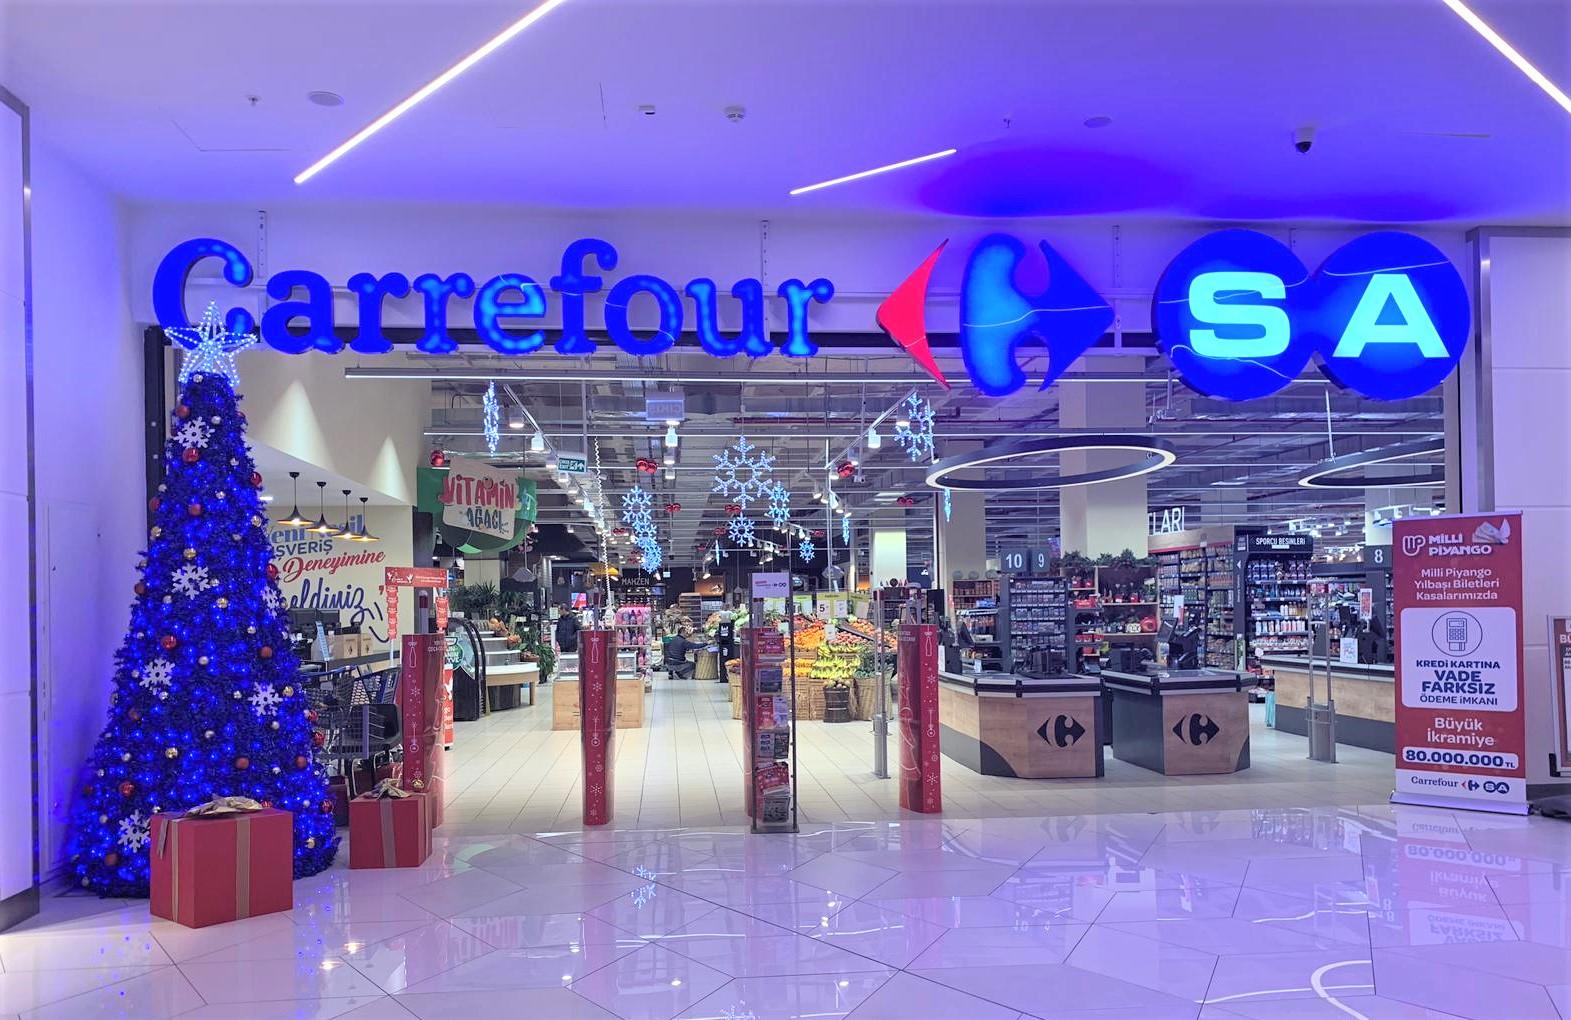 CarrefourSA marketlerini yılbaşı heyecanı sardı